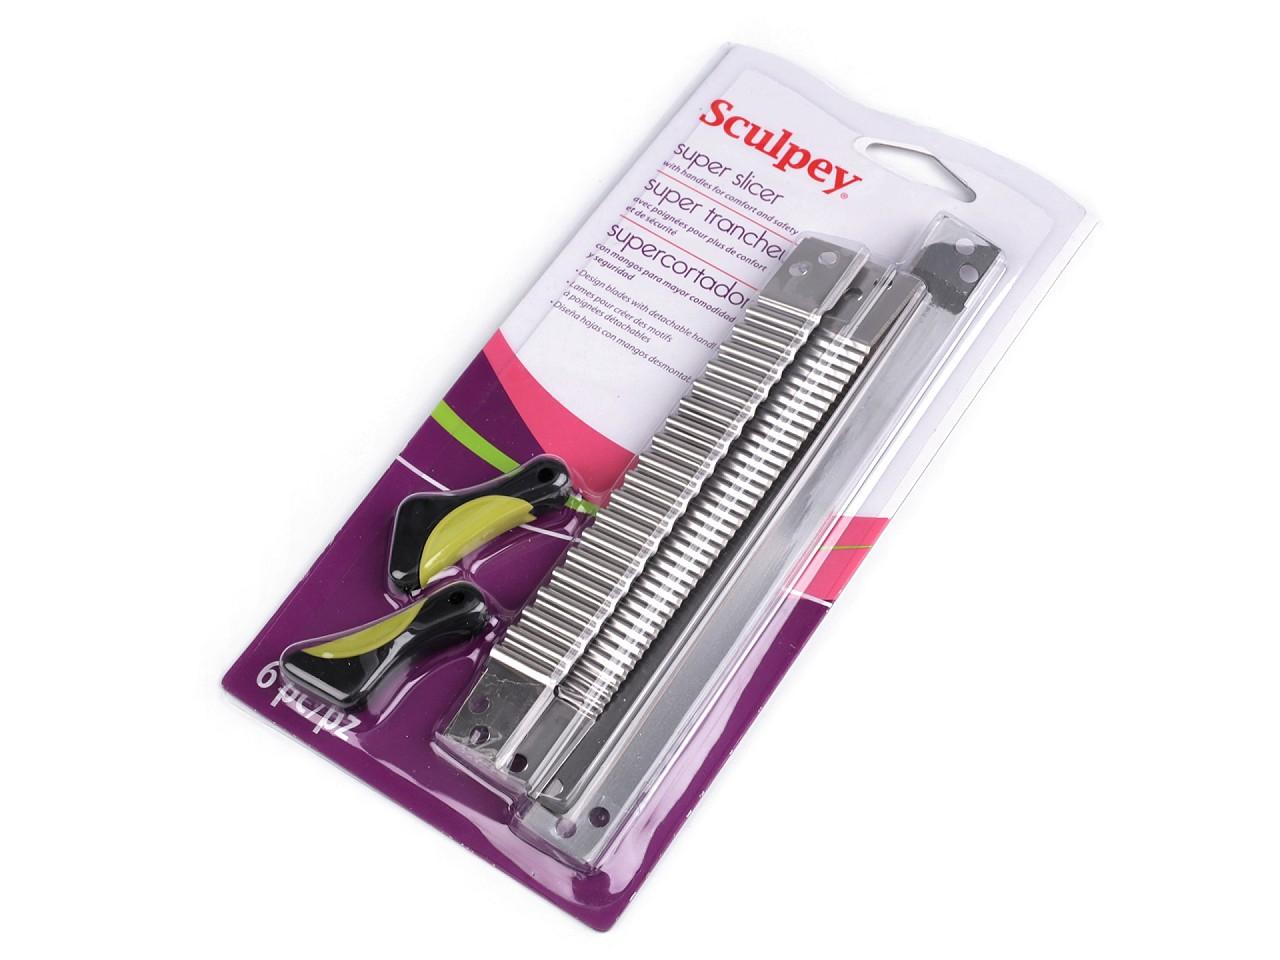 Sada nožů pro práci s polymerovou hmotou 1 ks